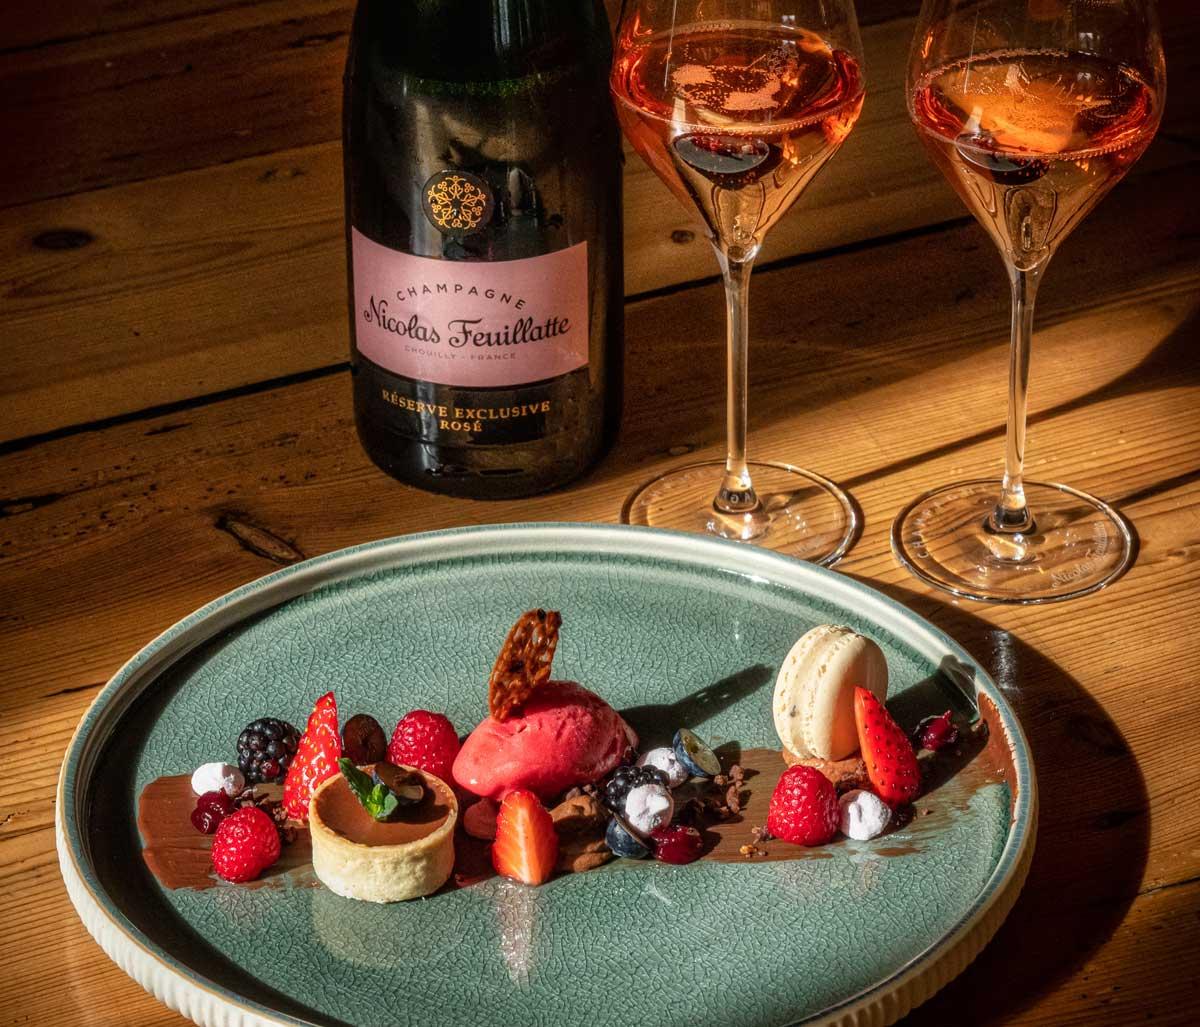 Von der Vorspeise bis zum Dessert: ChampagnerVon der Vorspeise bis zum Dessert: Champagner